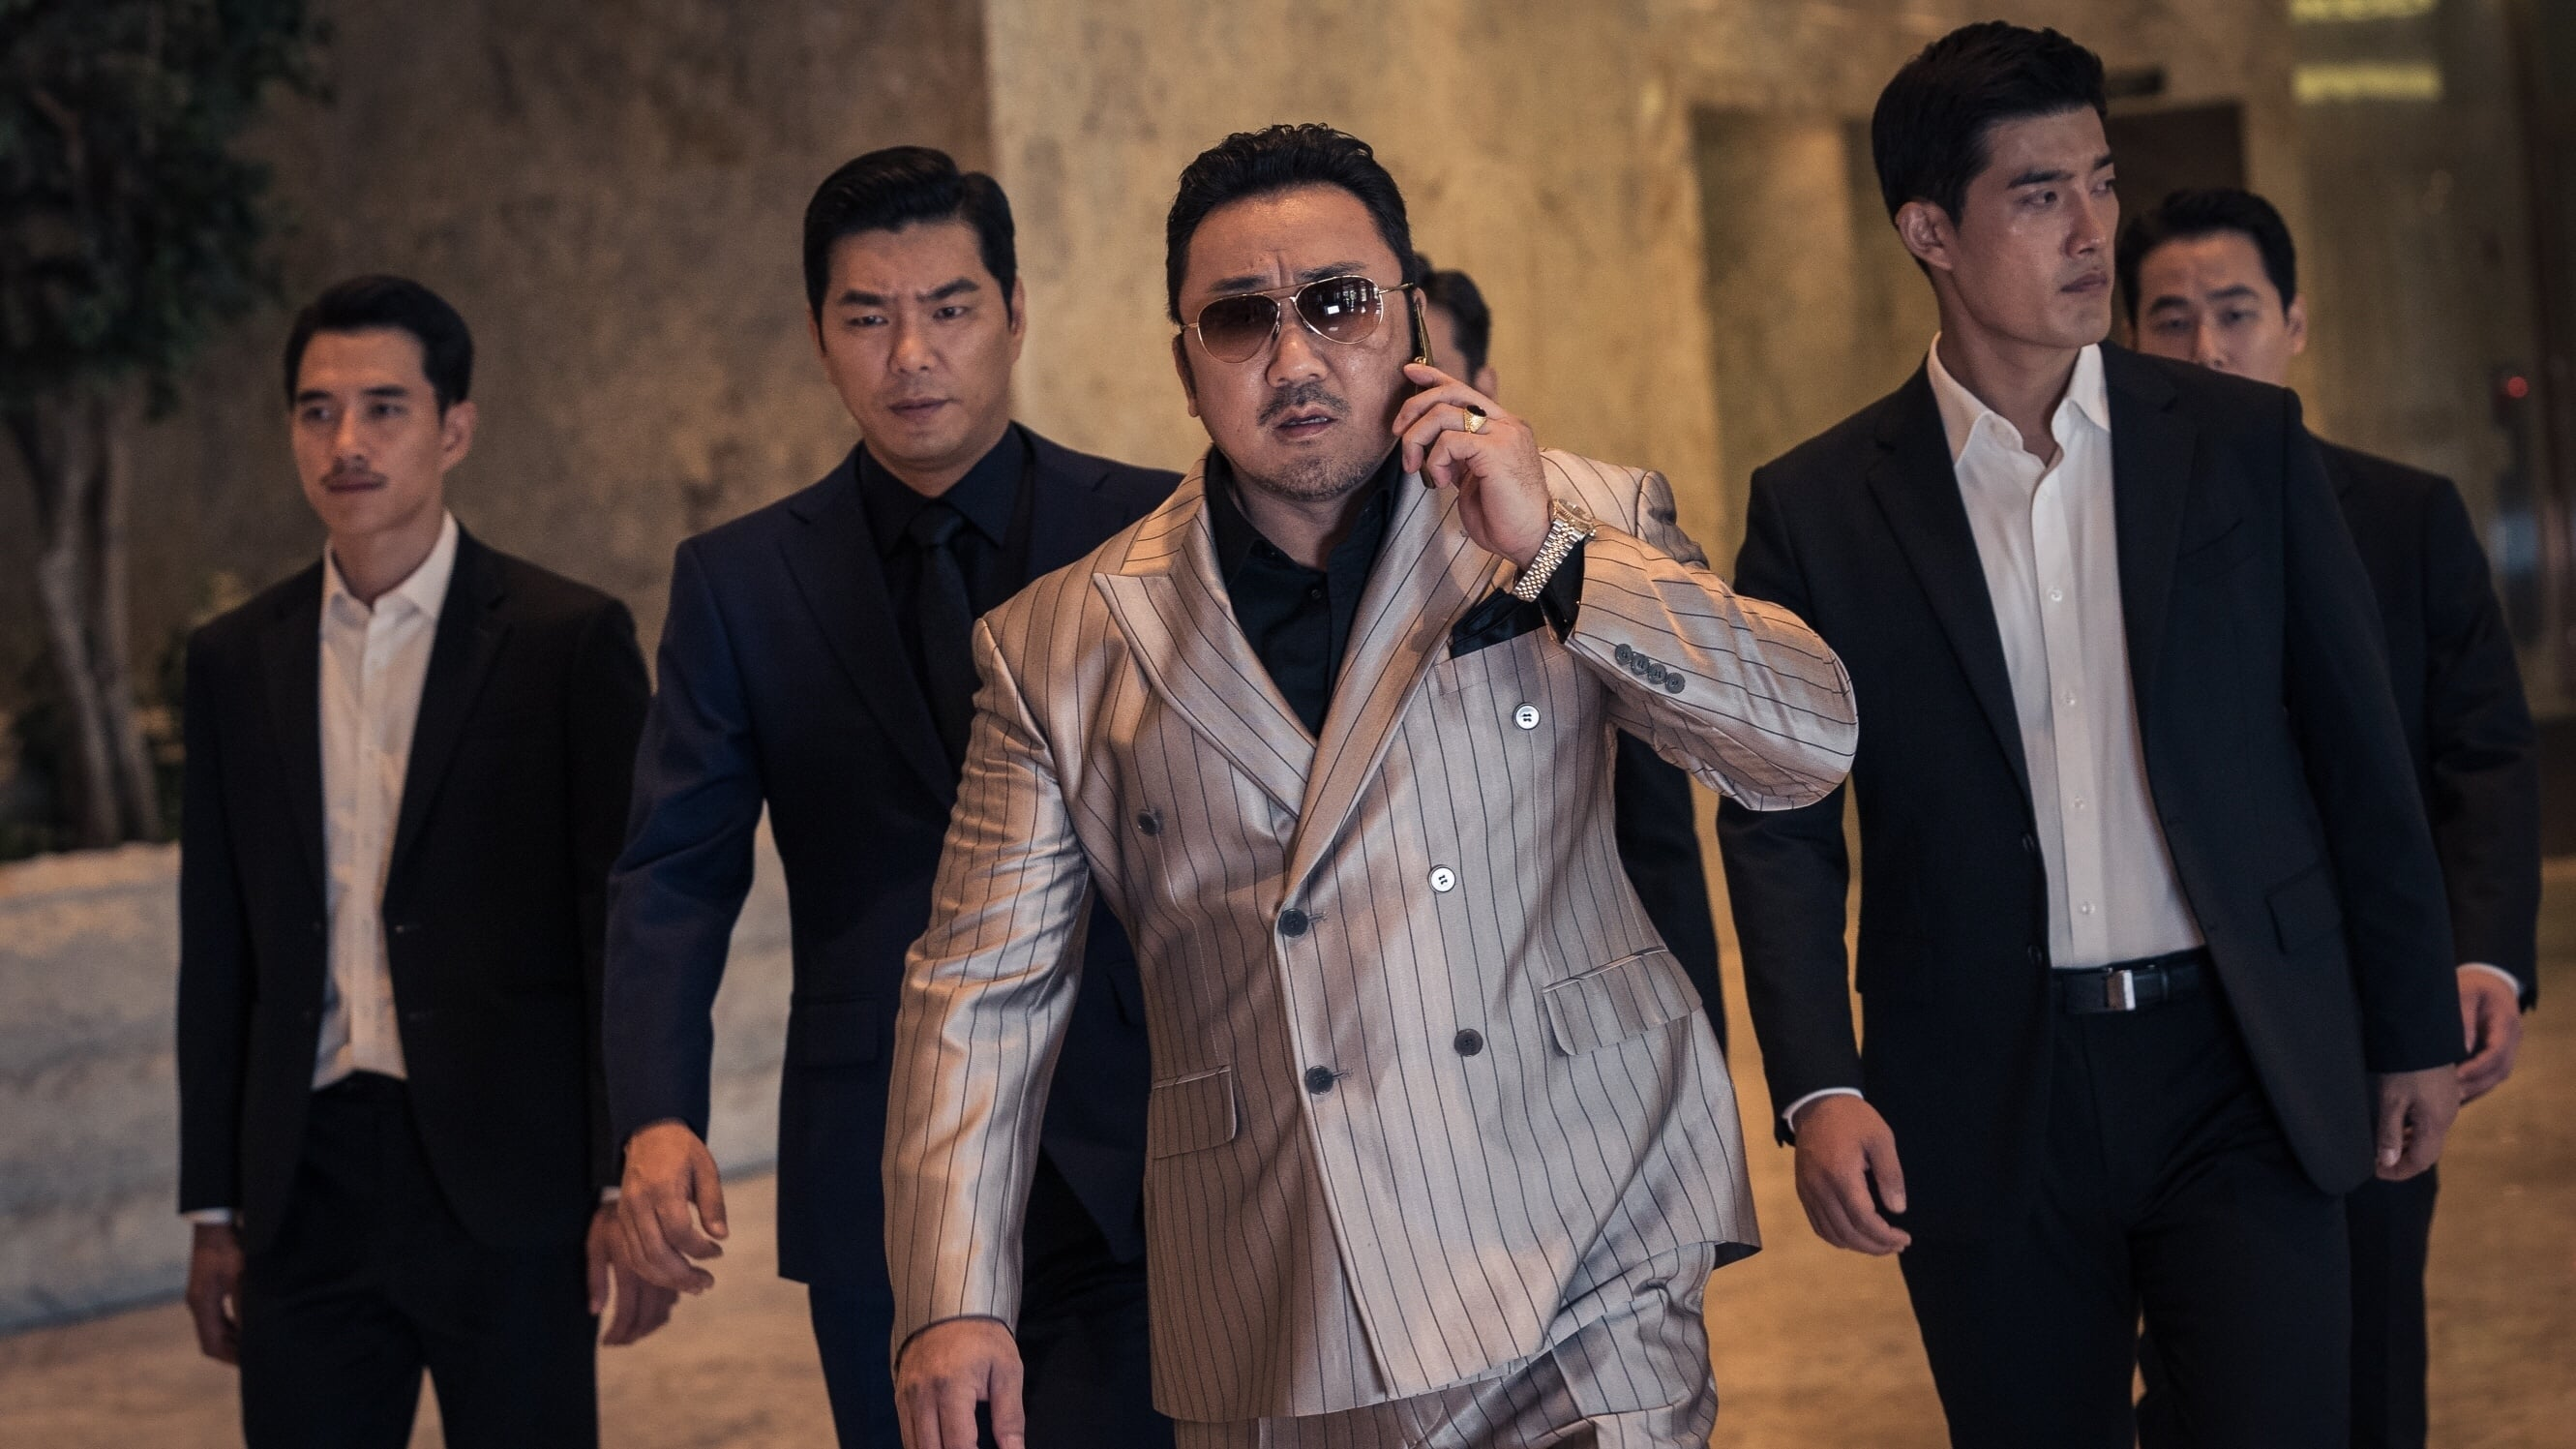 El gángster, el policía y el asesino